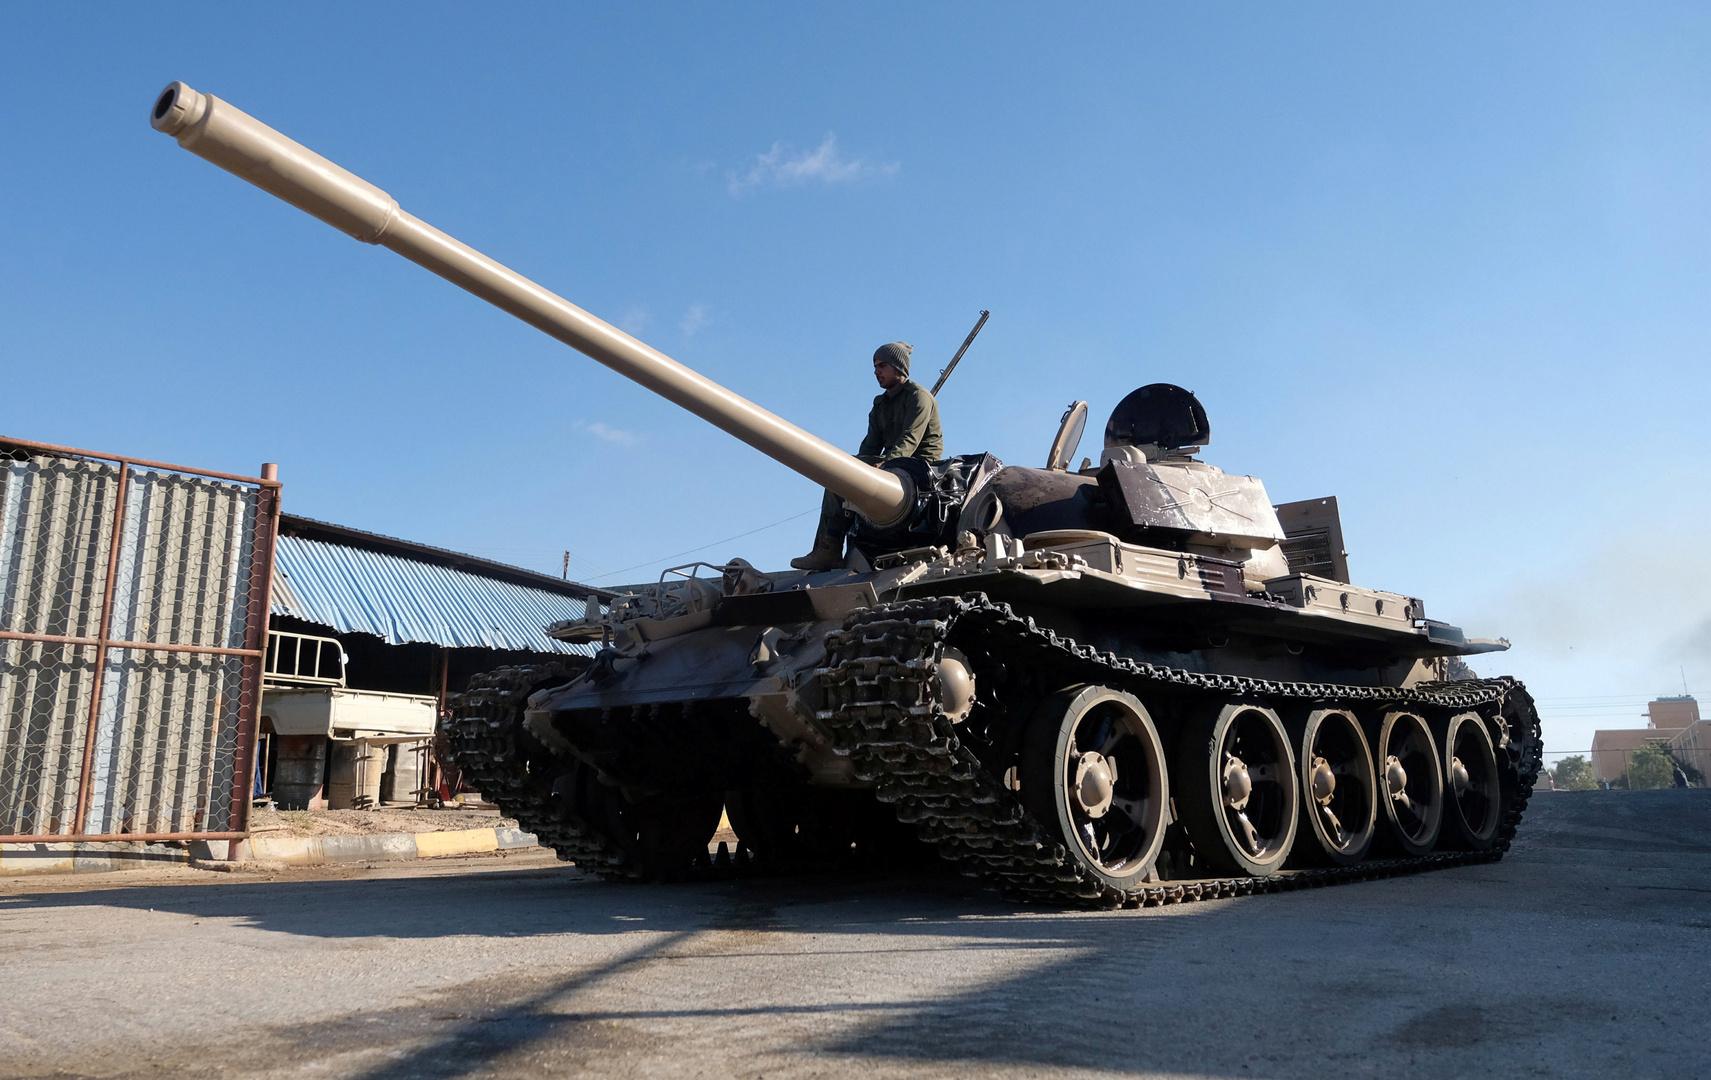 دبابة تابعة لـ